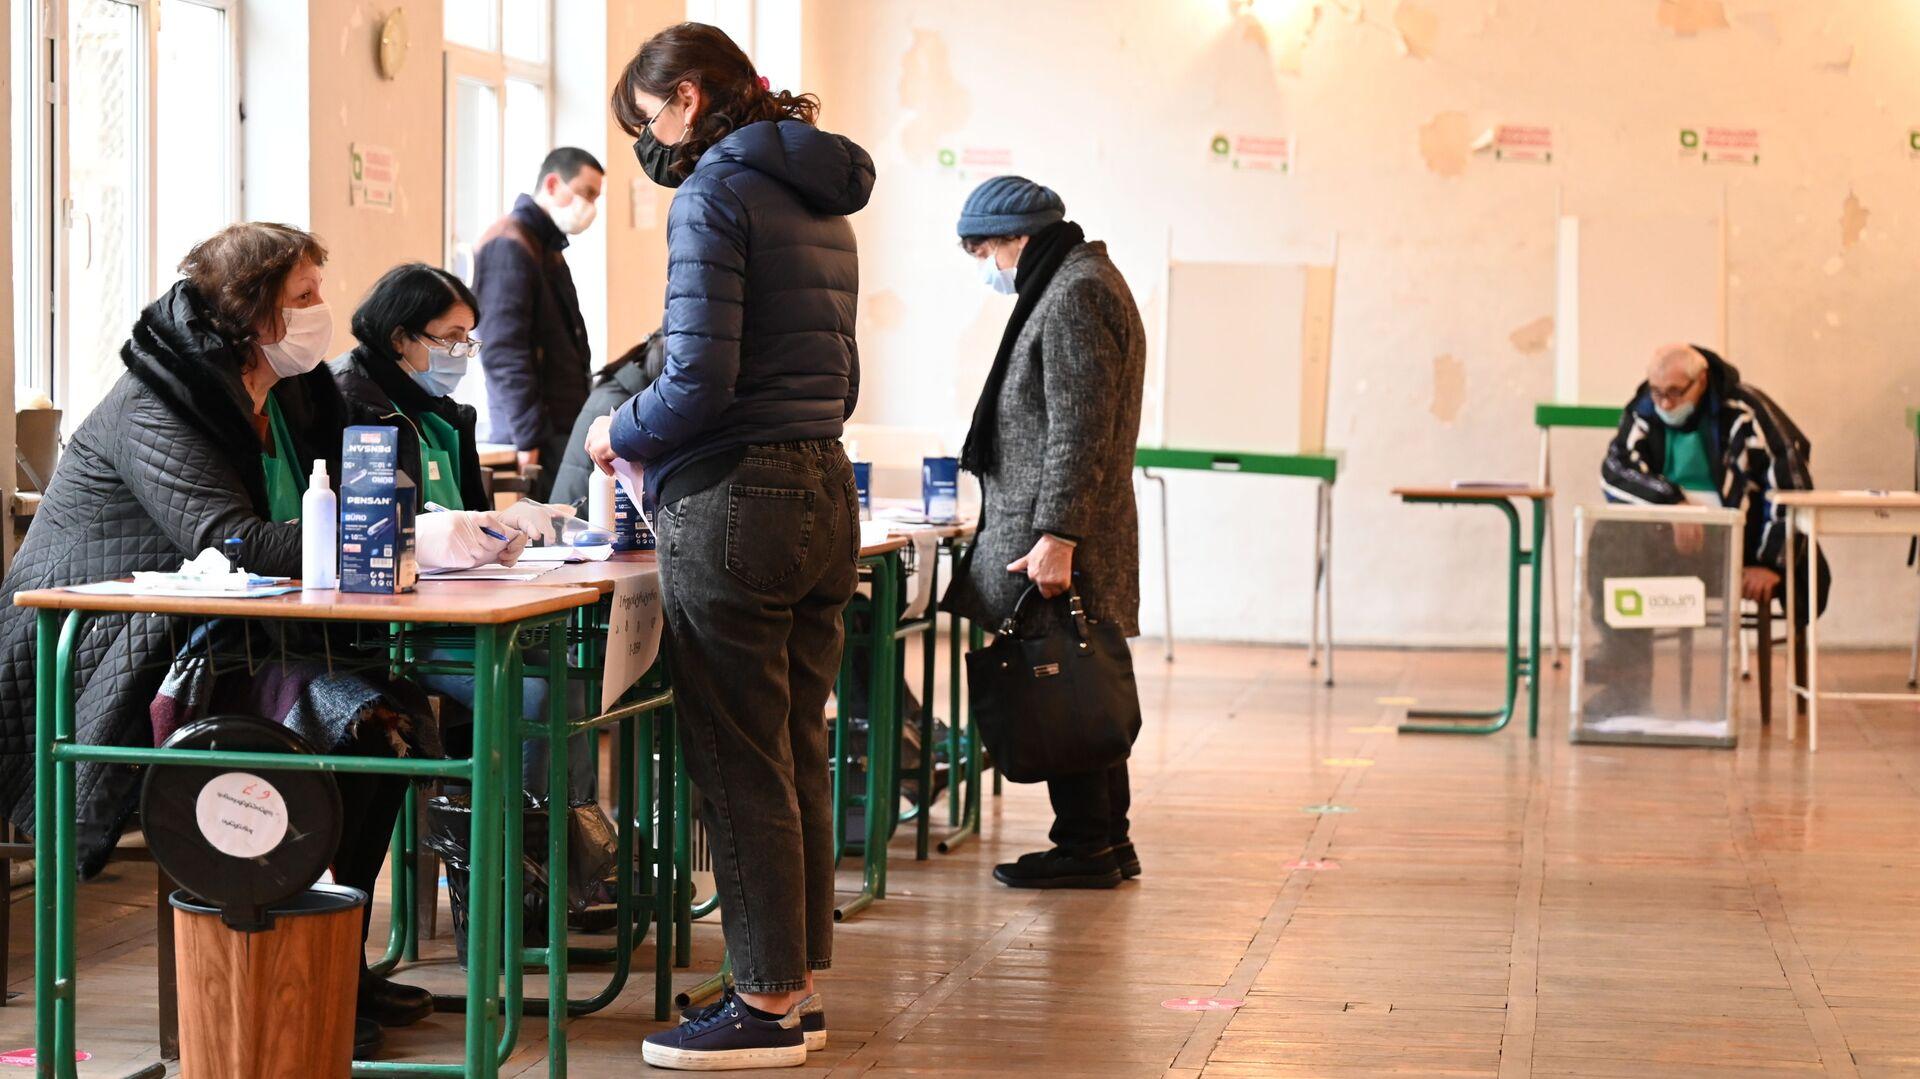 Парламентские выборы в Грузии - второй тур. 21 ноября 2020 года - Sputnik Грузия, 1920, 01.10.2021